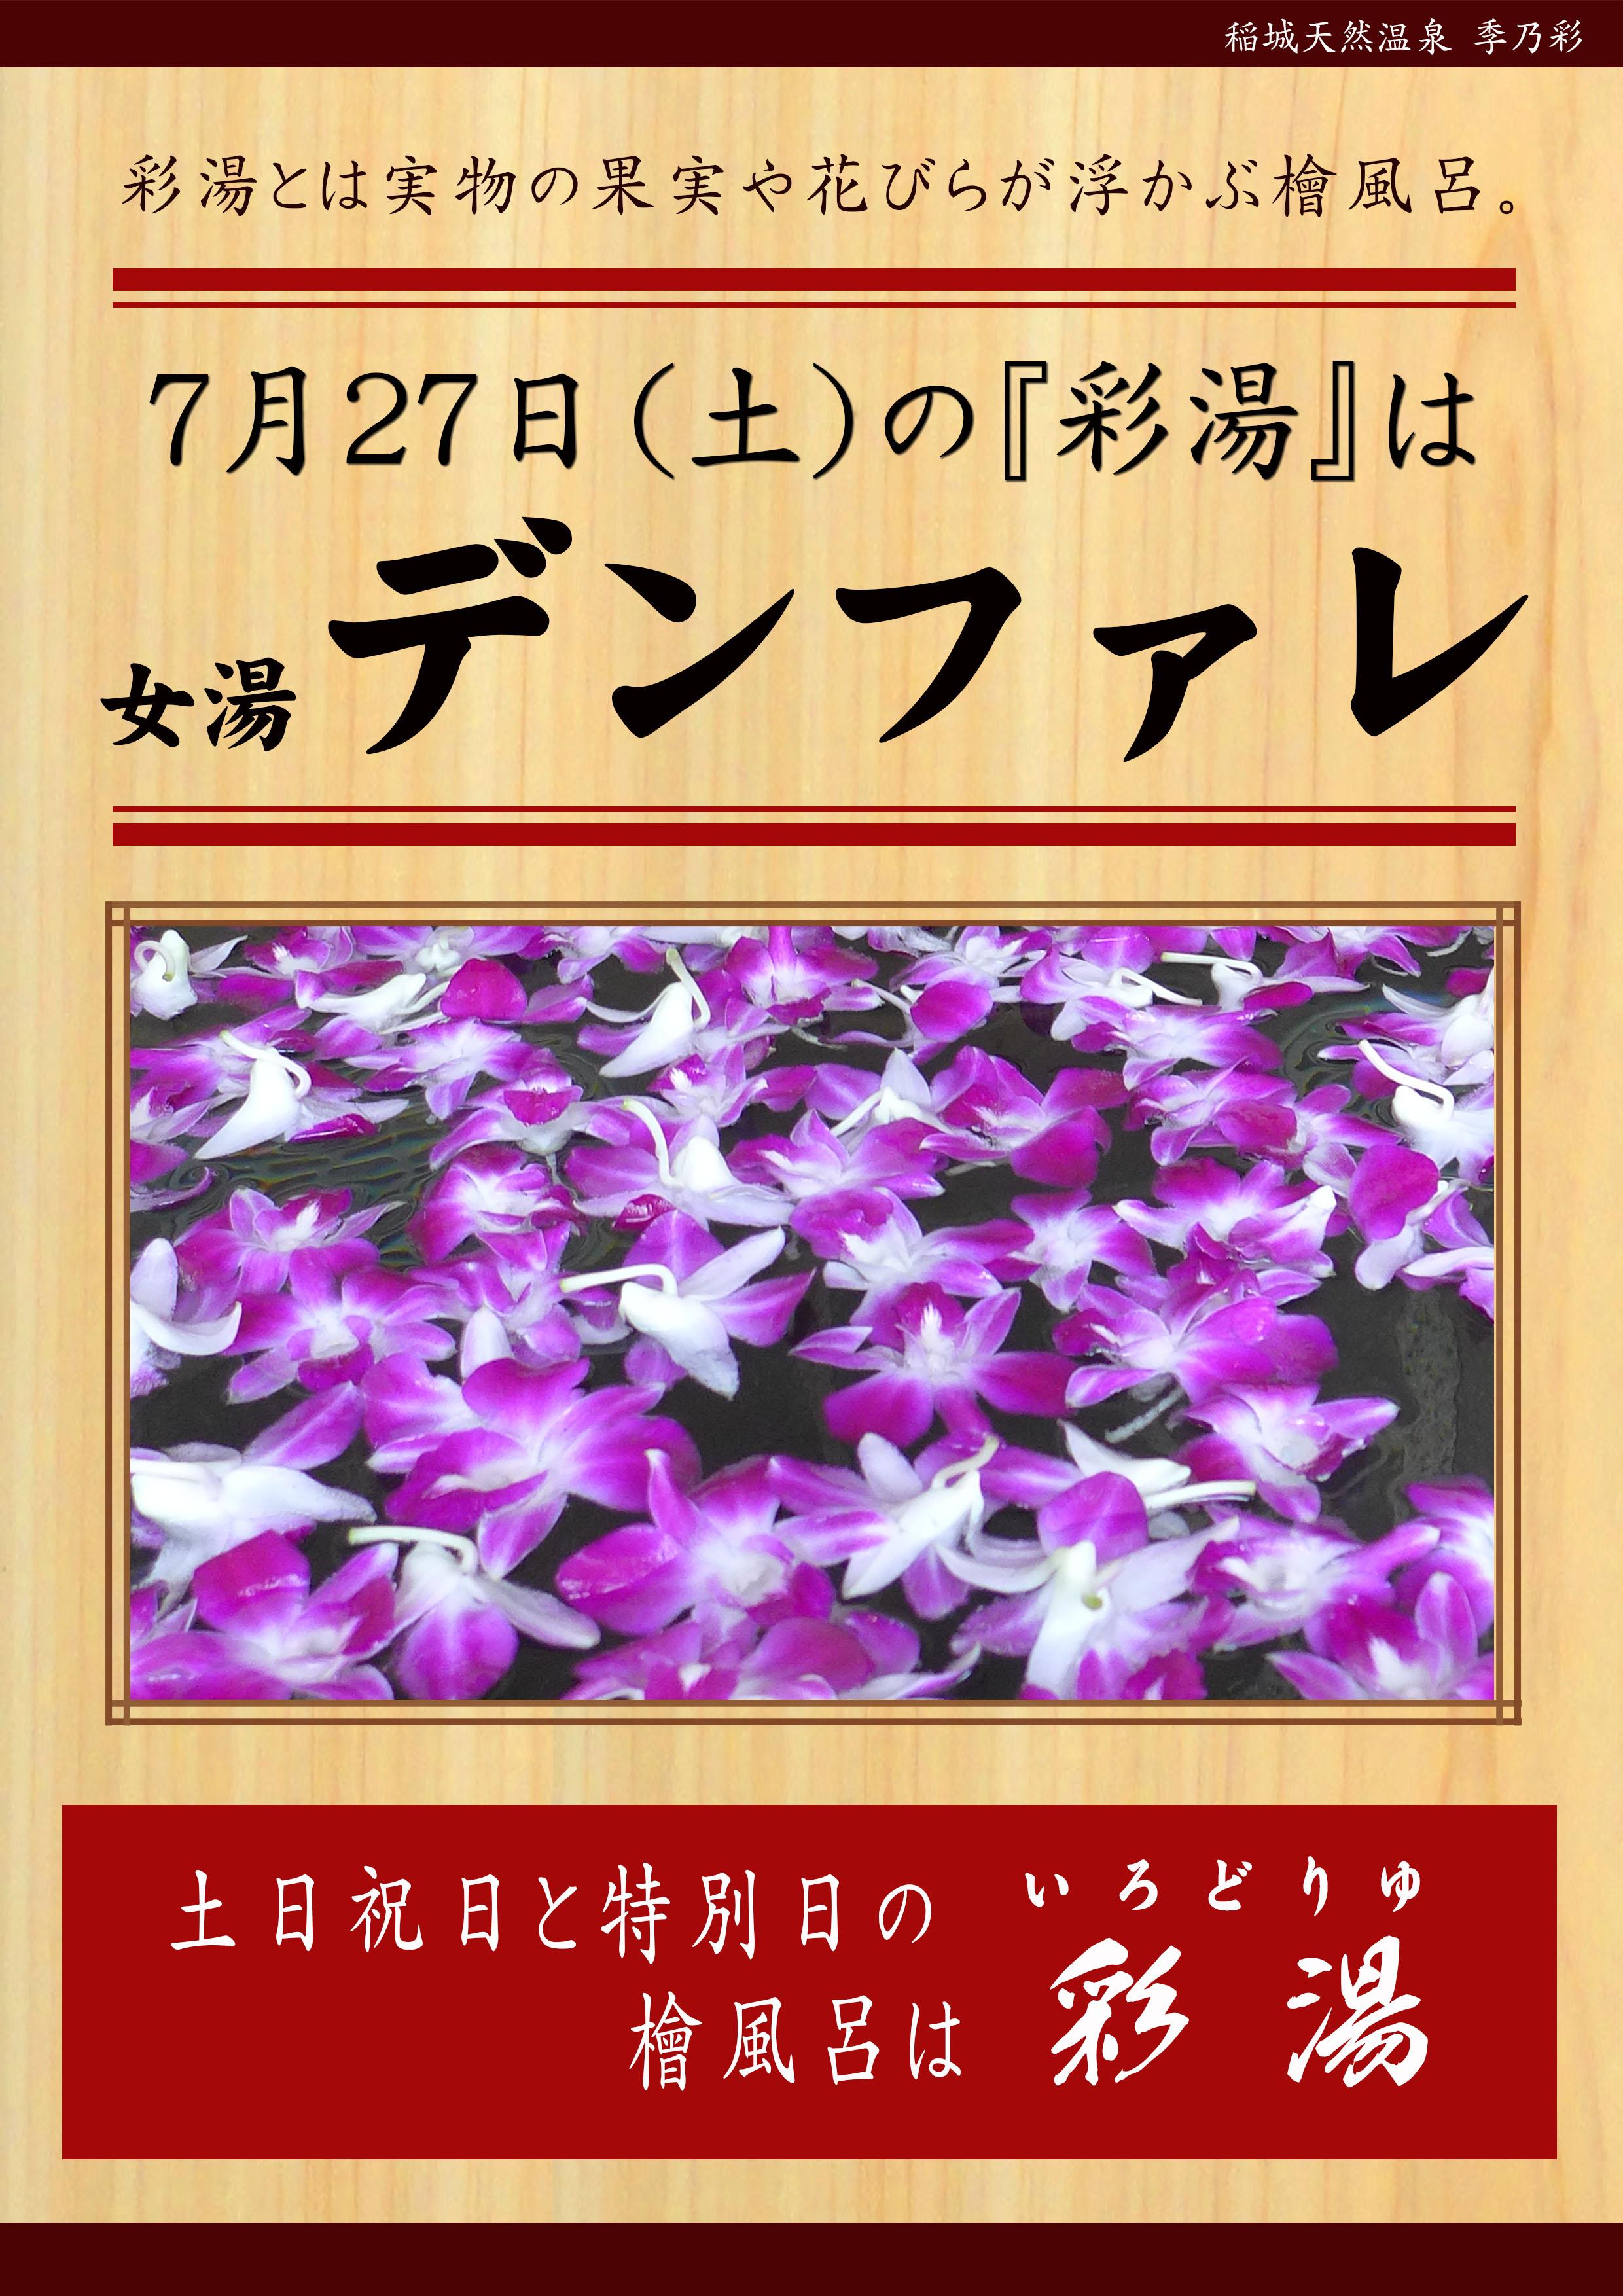 190727 彩湯 女湯 デンファレ